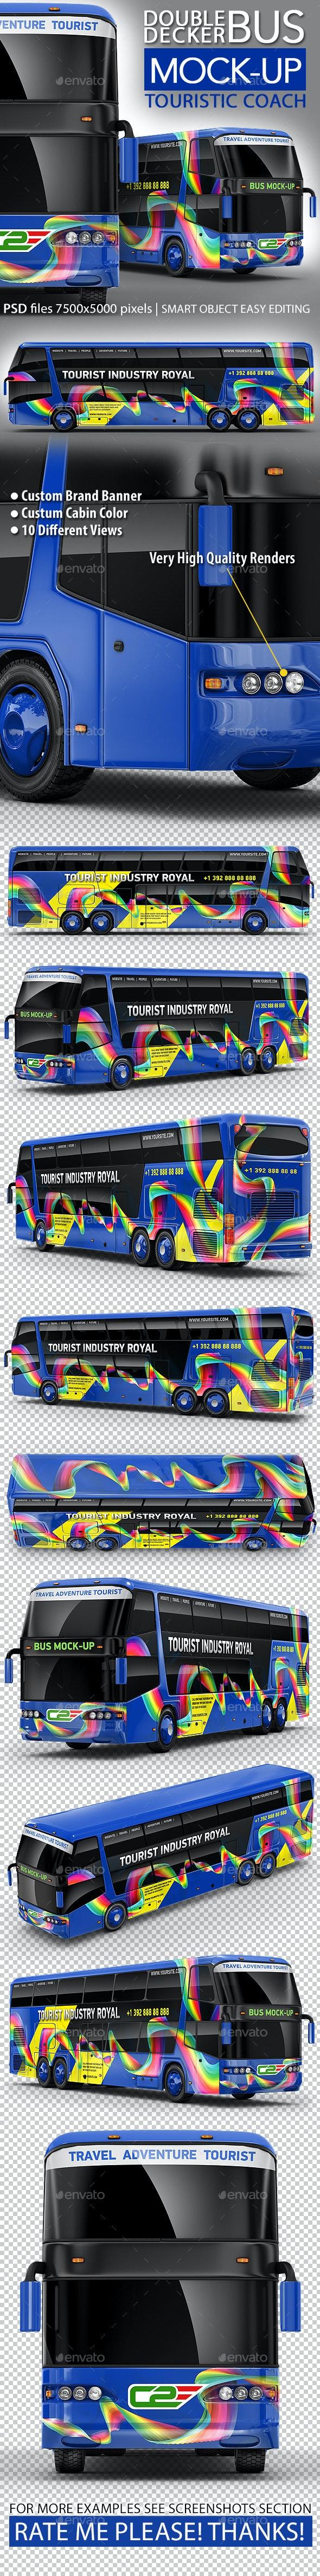 Tourist Bus, Passenger Coach, Double-Decker Bus Mock-Up - Vehicle Wraps Print